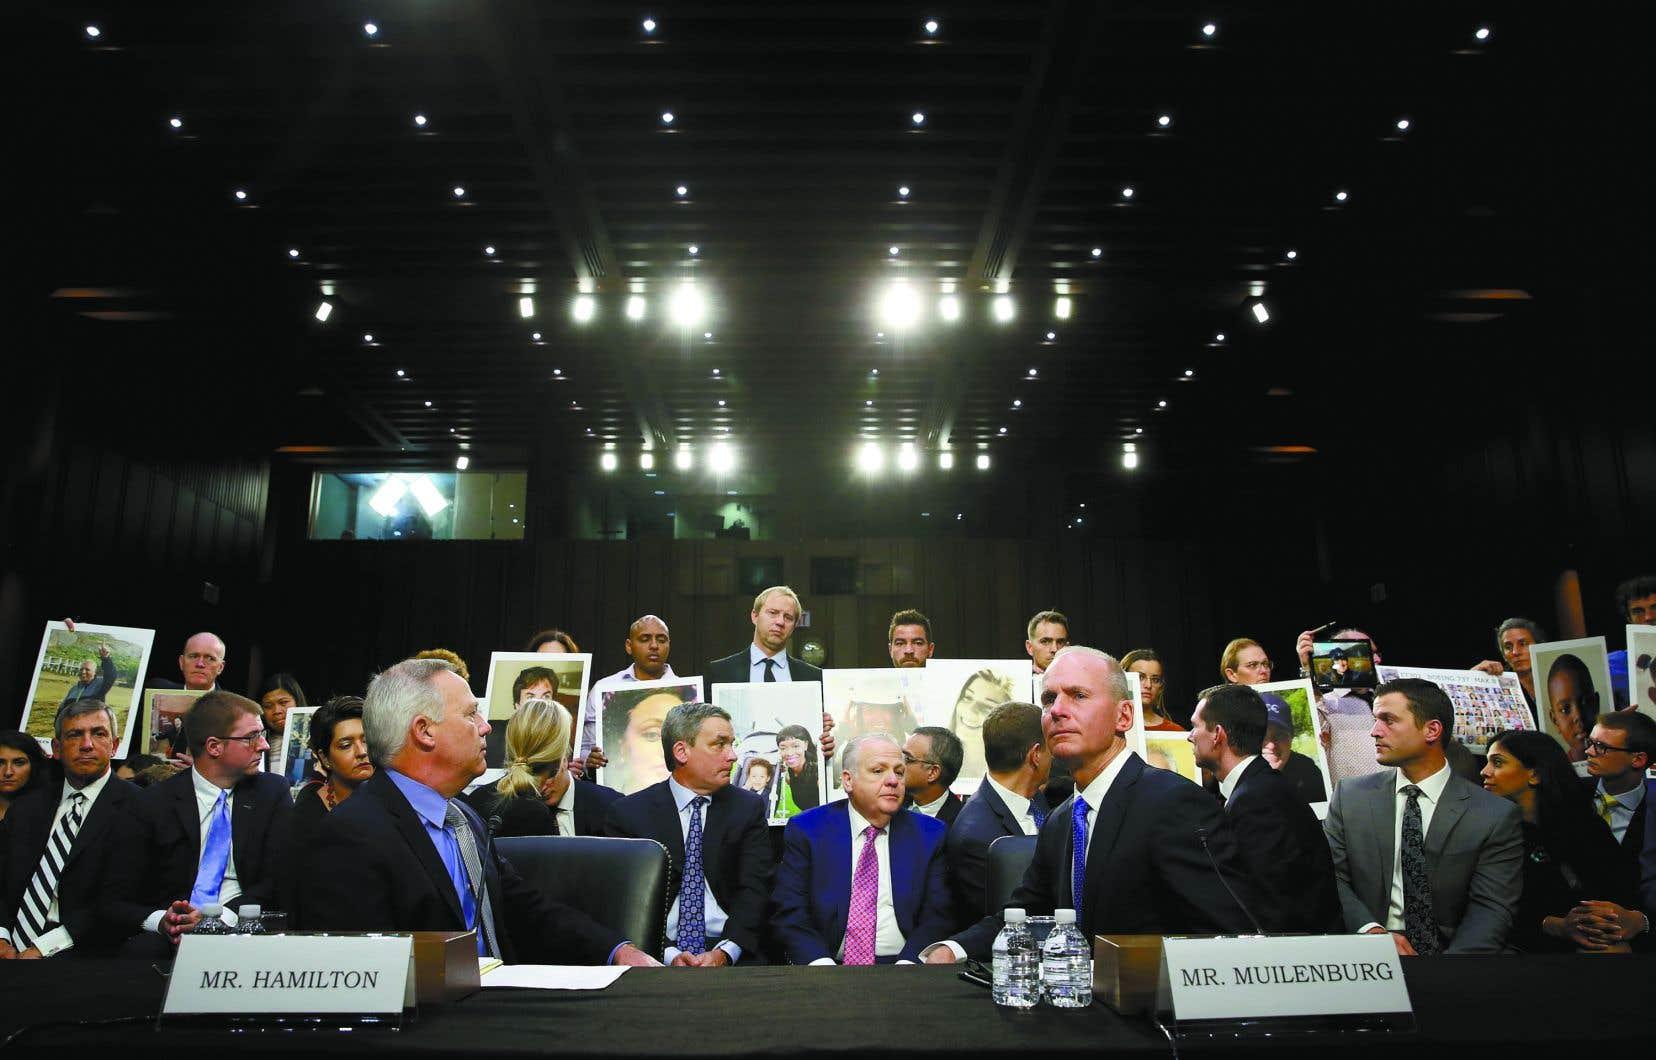 Les familles des victimes étaient présentes dans la salle d'audience au Congrès lors du témoignage de Dennis Muilenburg.